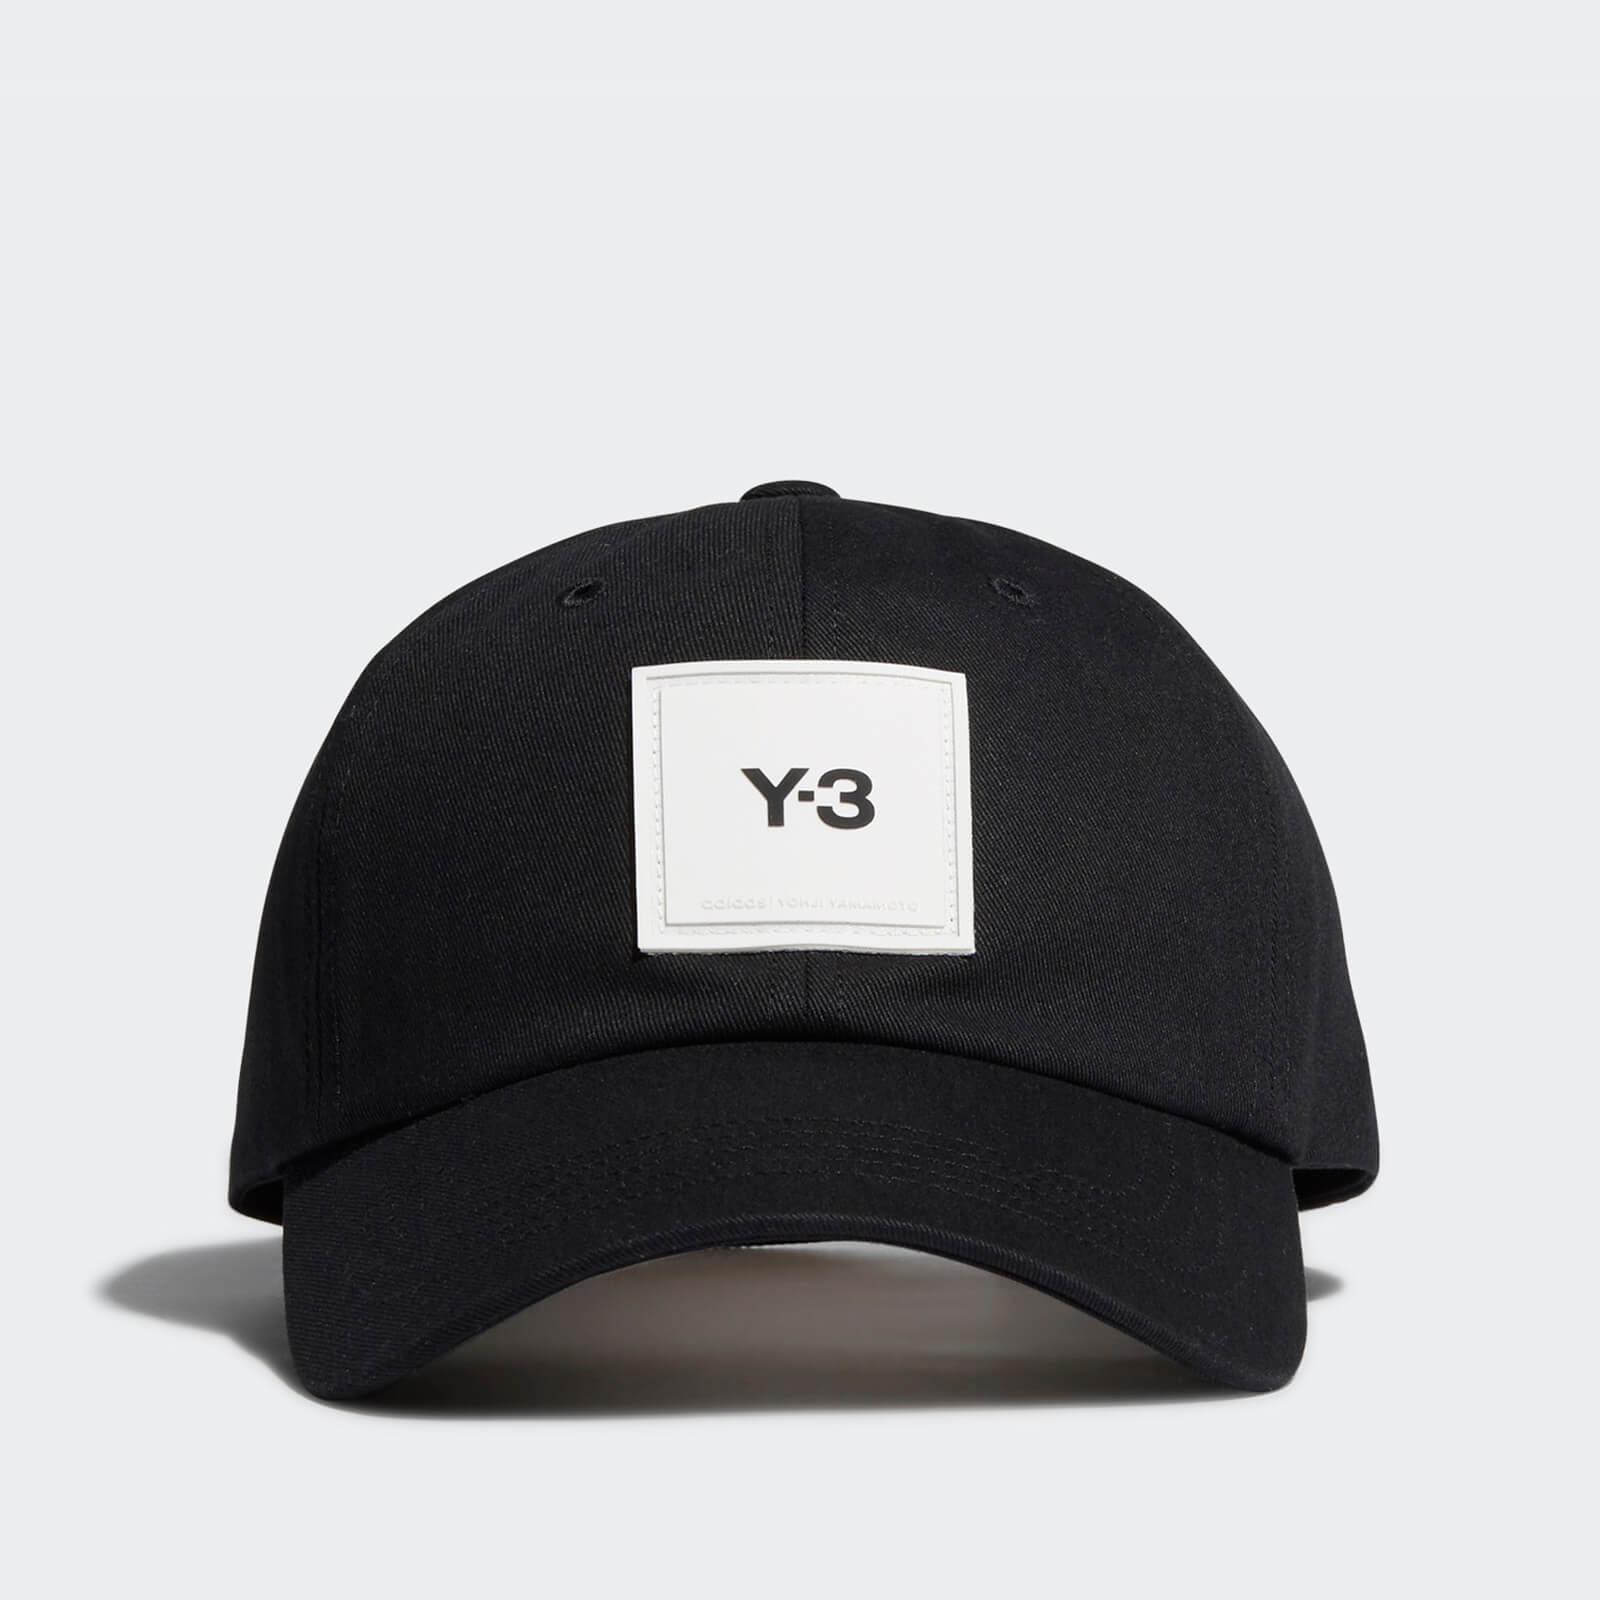 Y-3 Men's Square Label Cap - Black